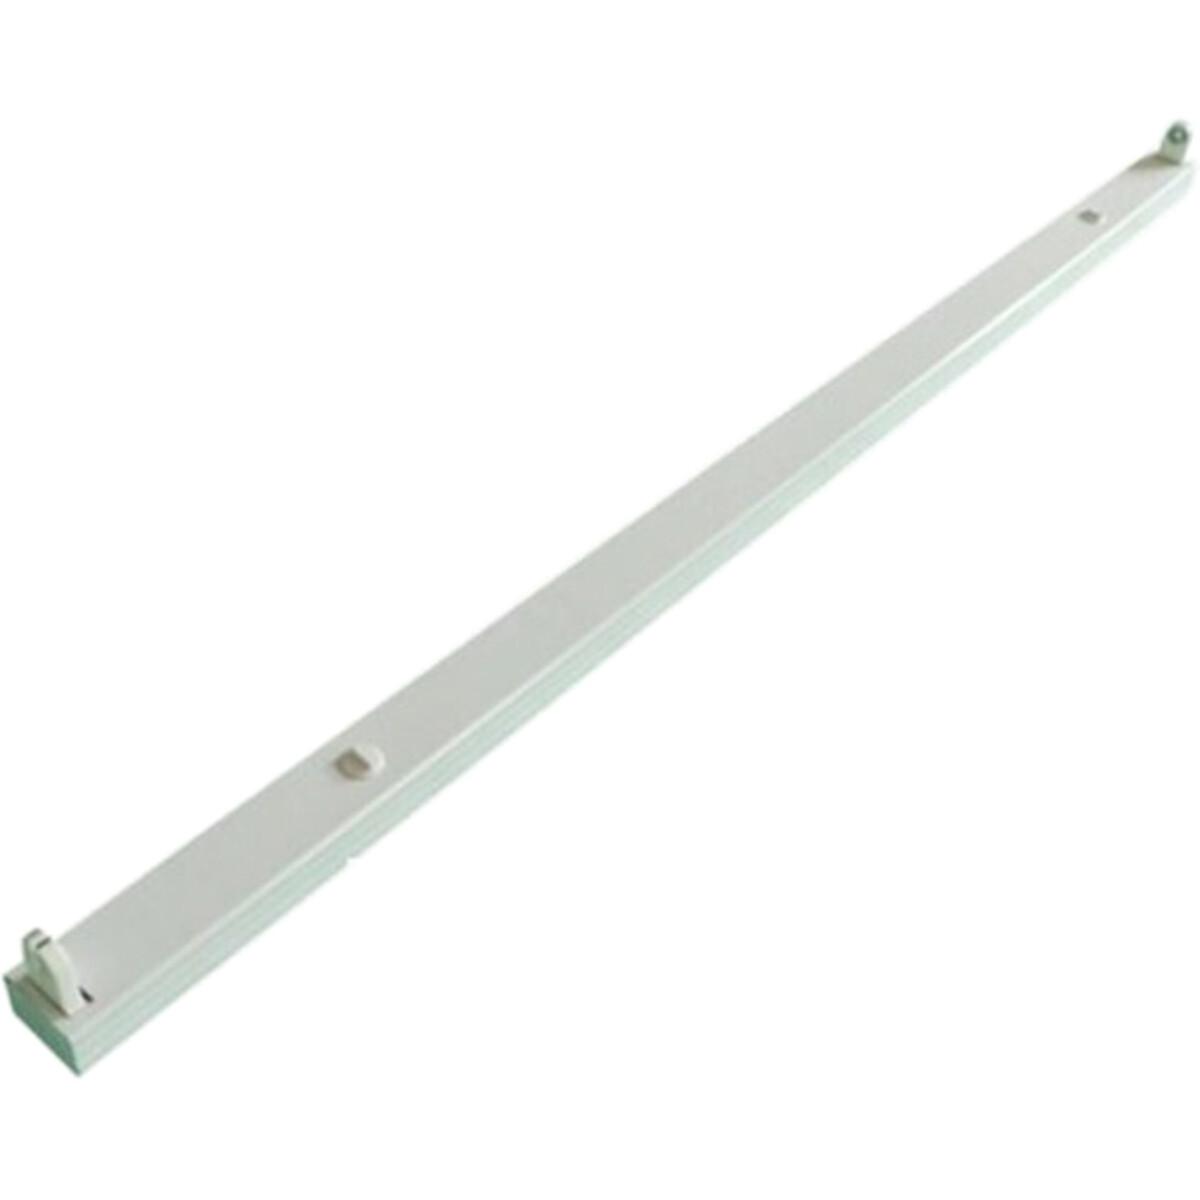 LED TL Armatuur T8 - Aigi Dybolo - 120cm Enkel - IP20 - Mat Wit - Staal